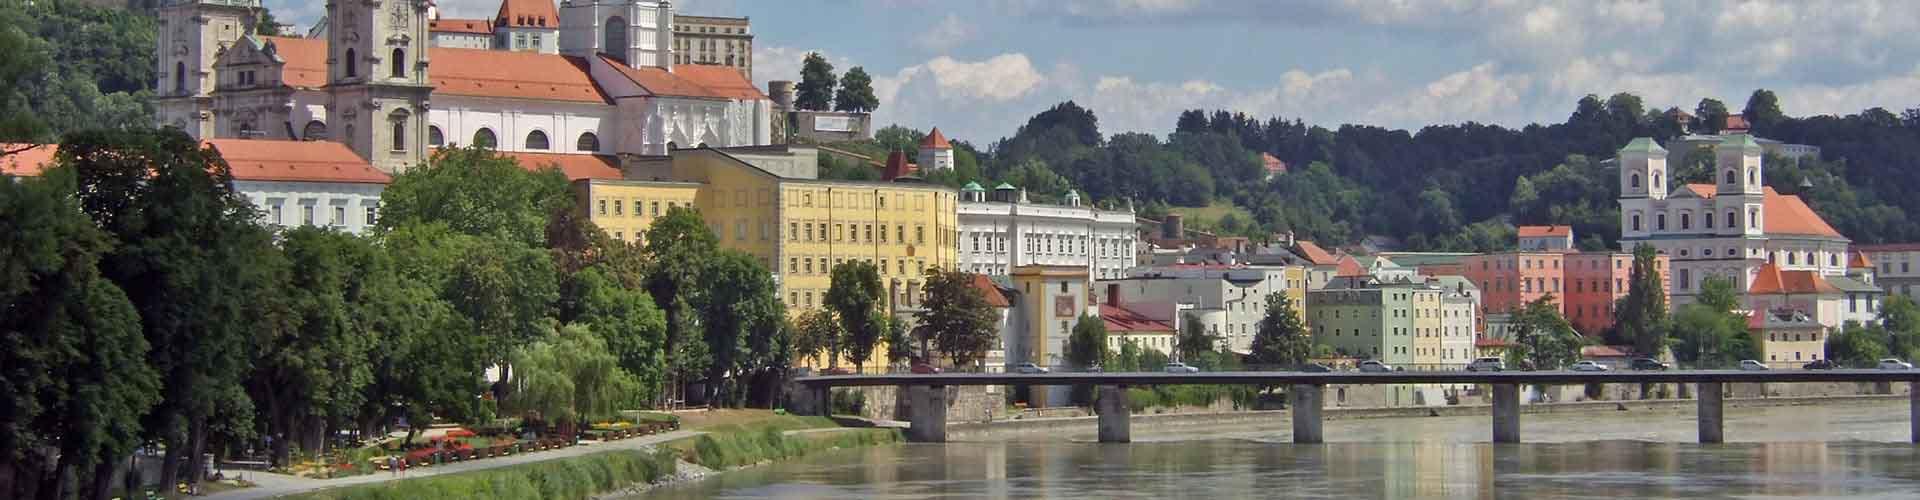 Passau - Hoteles baratos en Passau. Mapas de Passau, Fotos y Comentarios para cada alojamiento en Passau.